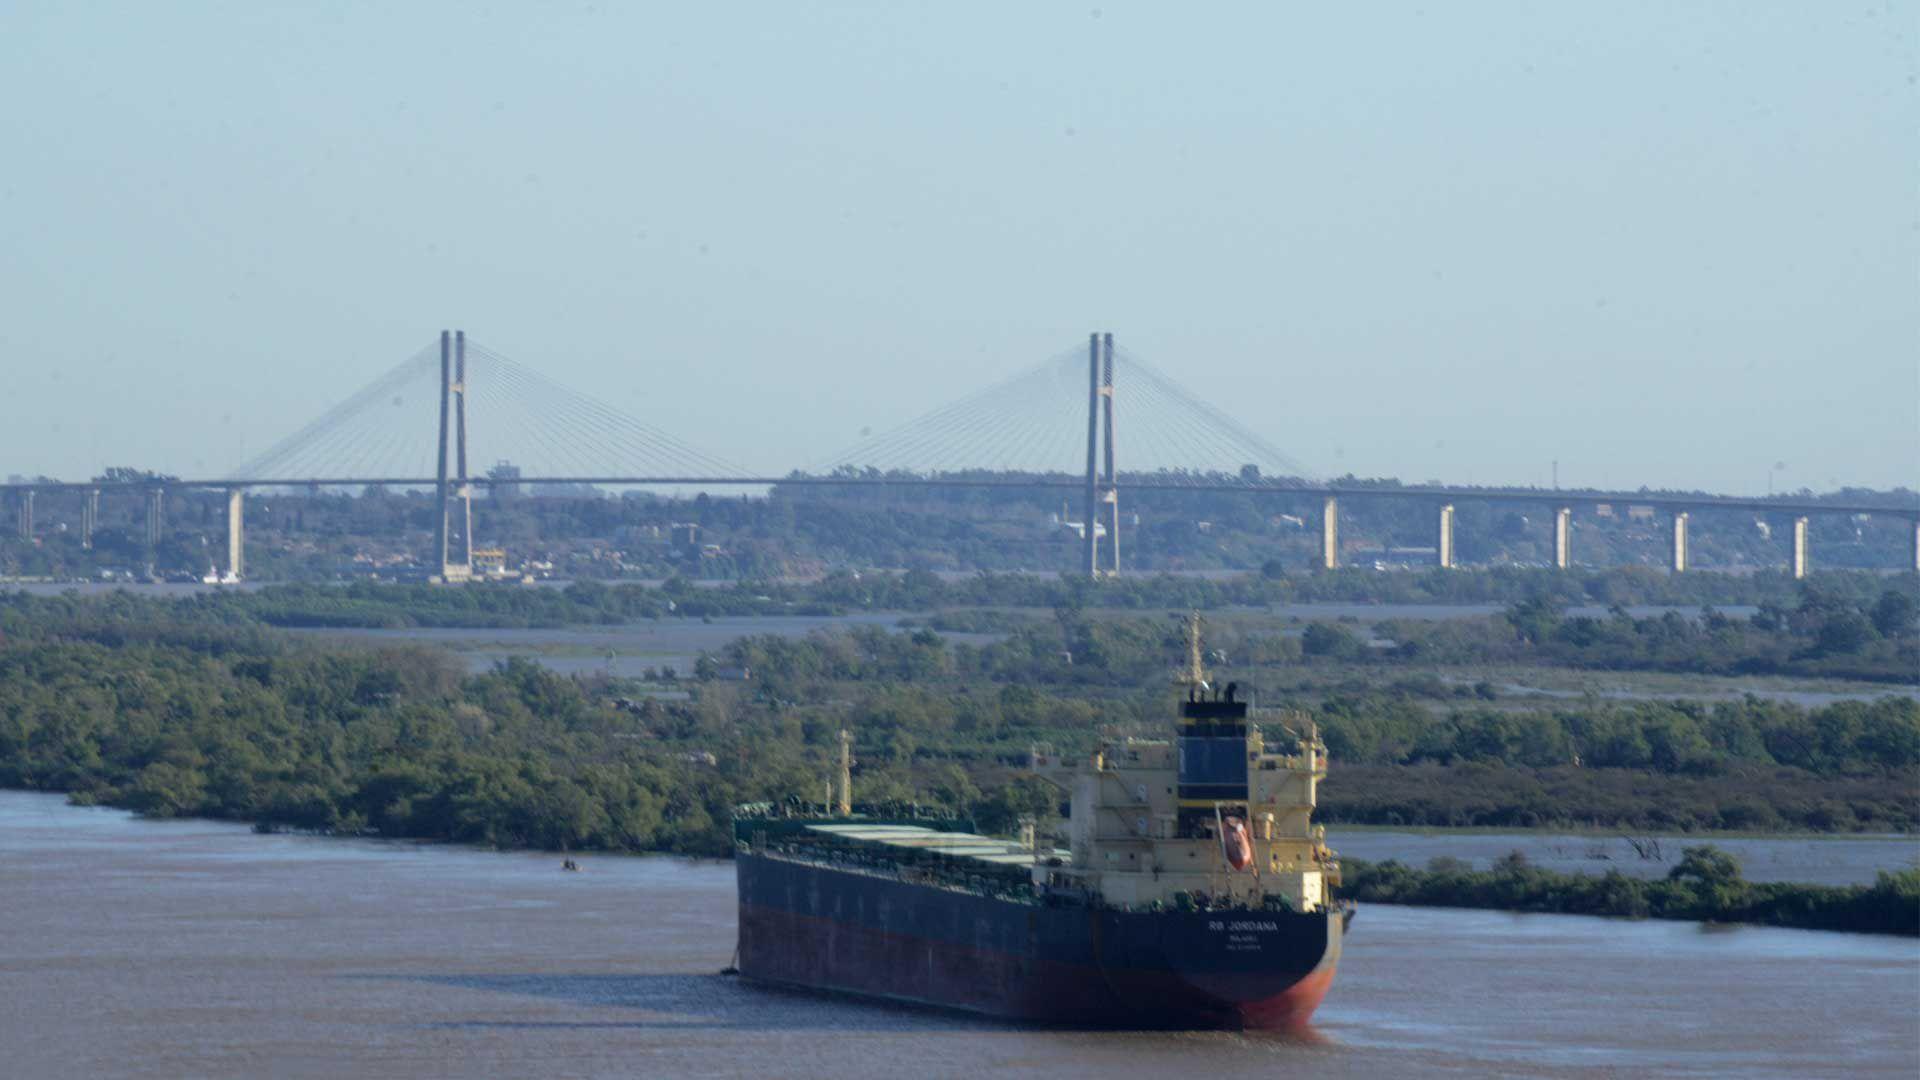 Antes de irse, Dietrich lanzó la licitación para un nuevo concesionario de la hidrovía Paraná-Paraguay, el canal acuático por donde salen el 60% de las exportaciones argentinas